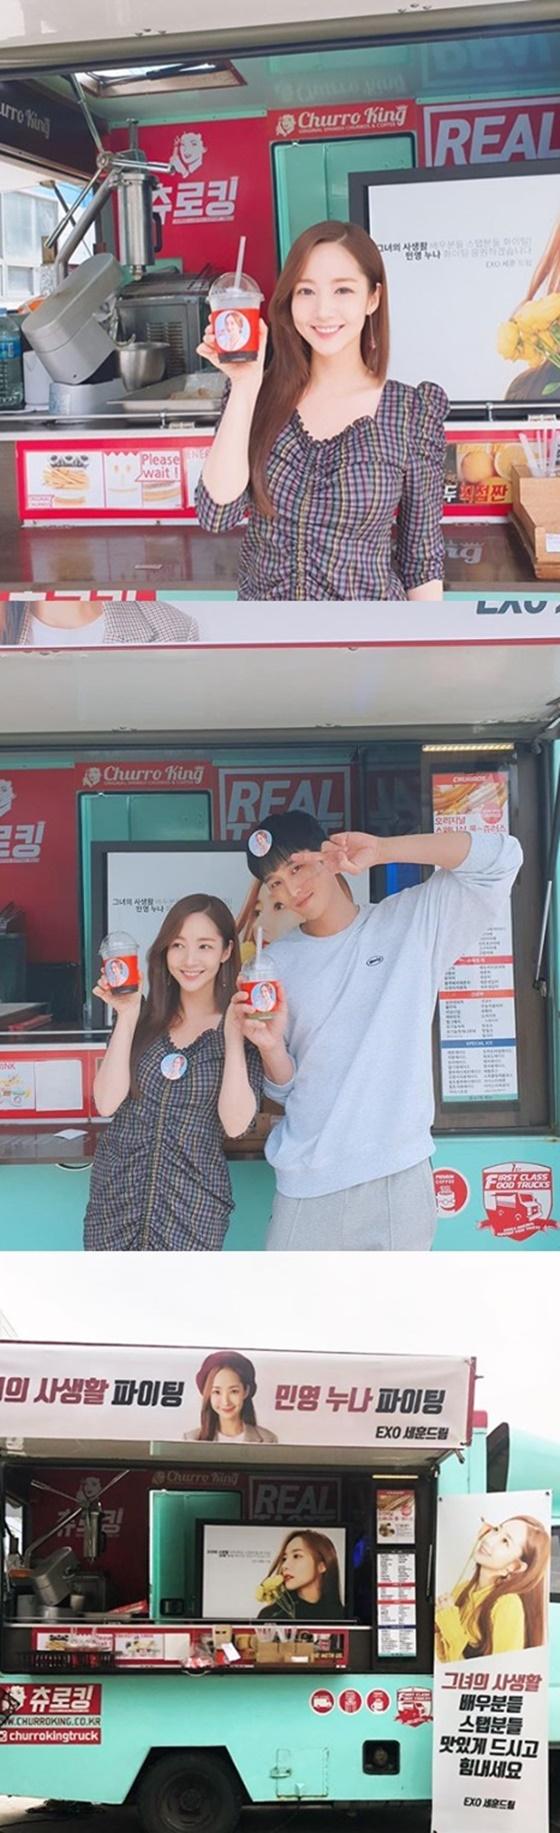 박민영이 엑소 세훈이 보낸 커피차를 인증했다./사진=박민영 인스타그램